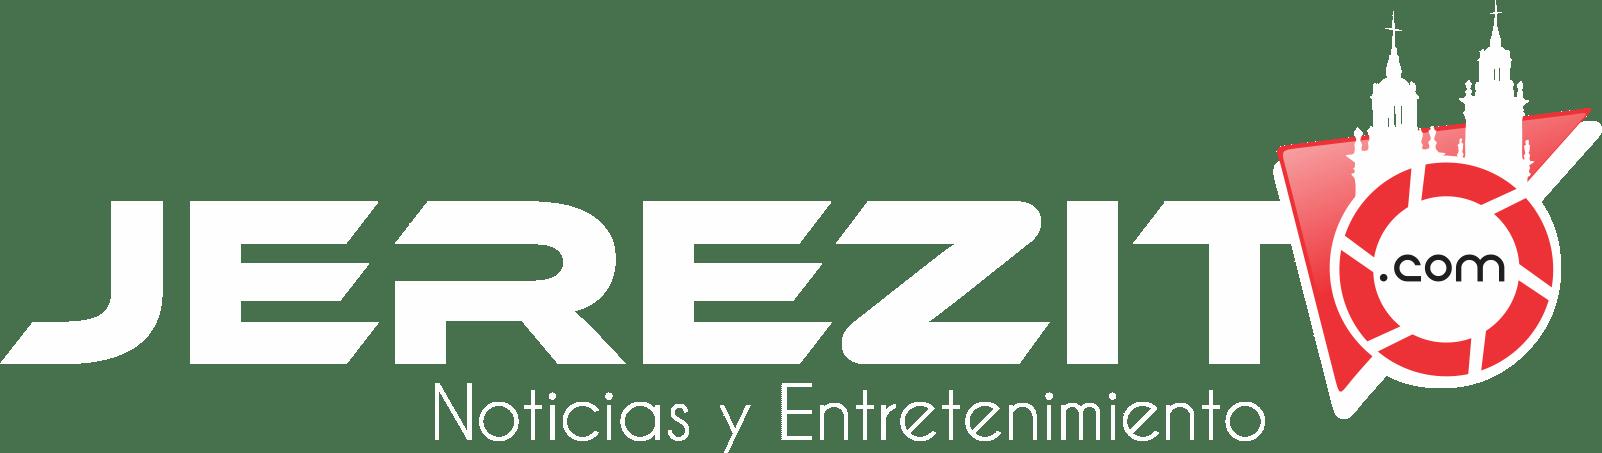 Jerezito.com